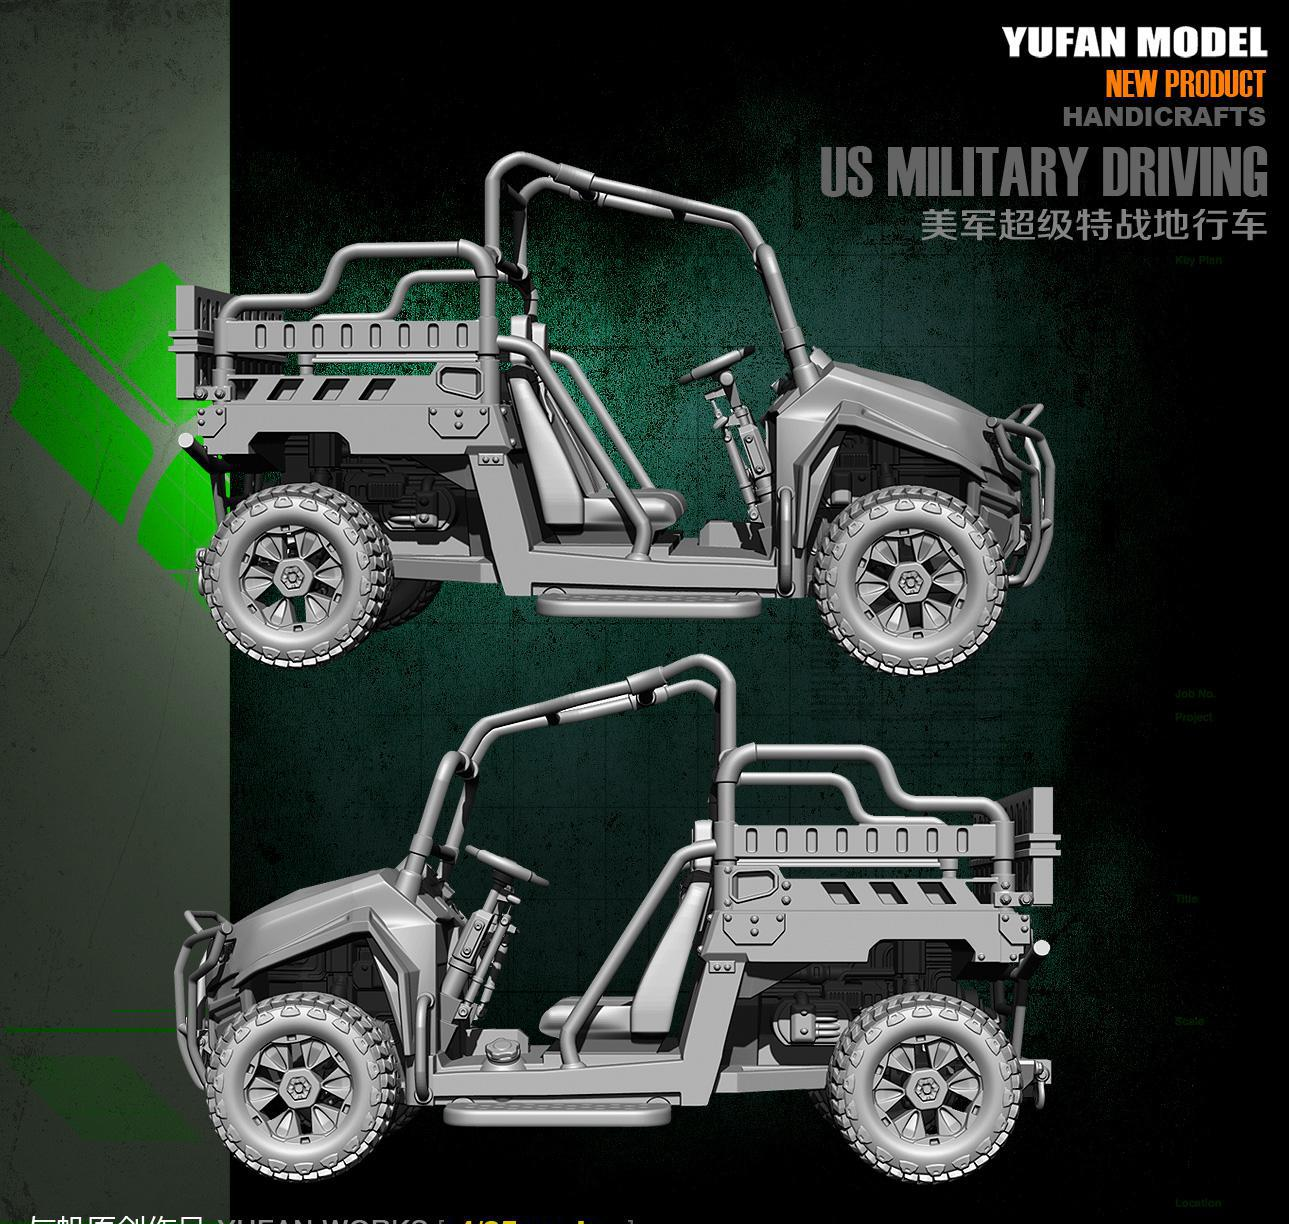 Yufan Model 1/35 Resin Model Oorspronkelijk YFWW35 1854 Van U. s. Leger Terreinwagen-in Modelbouwen Kits van Speelgoed & Hobbies op  Groep 3